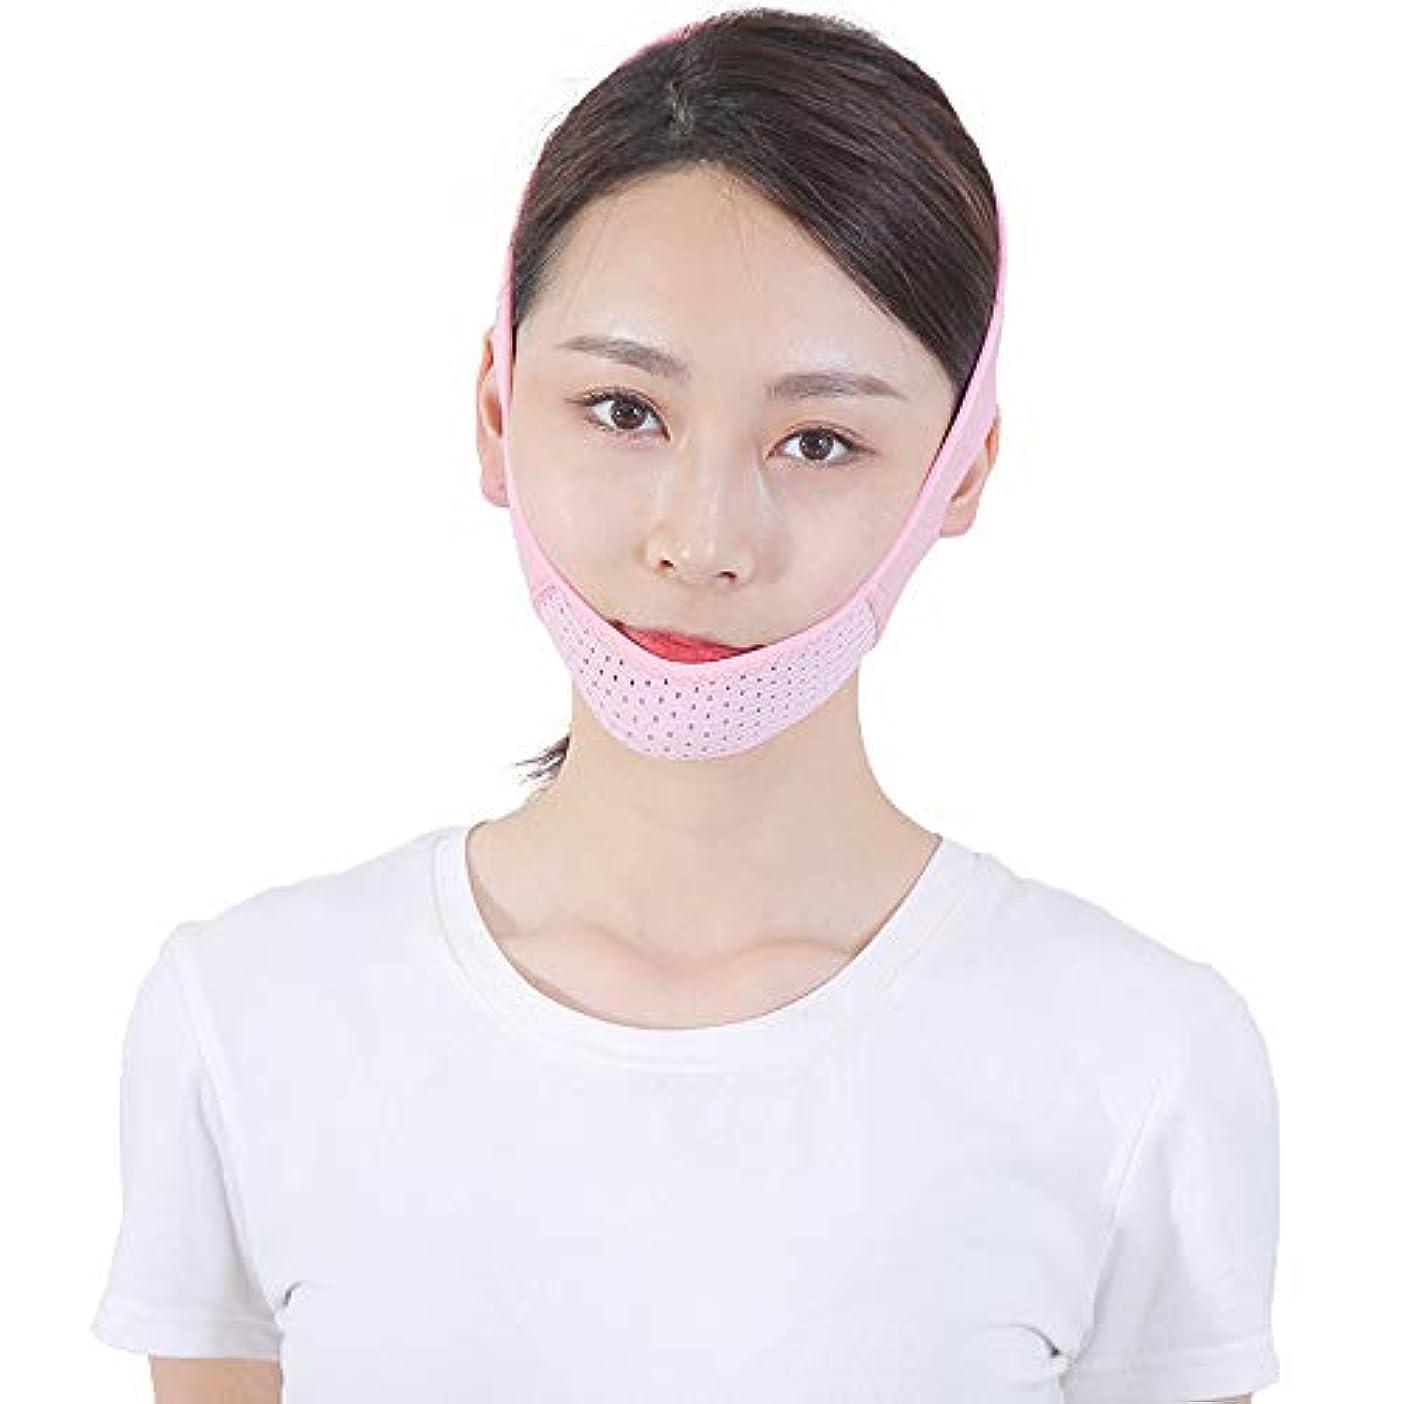 決済請求お母さんJia Jia- フェイシャルリフティング痩身ベルトフェイススリムゲットダブルチンアンチエイジングリンクルフェイスバンデージマスクシェイピングマスク顔を引き締めるダブルチンワークアウト 顔面包帯